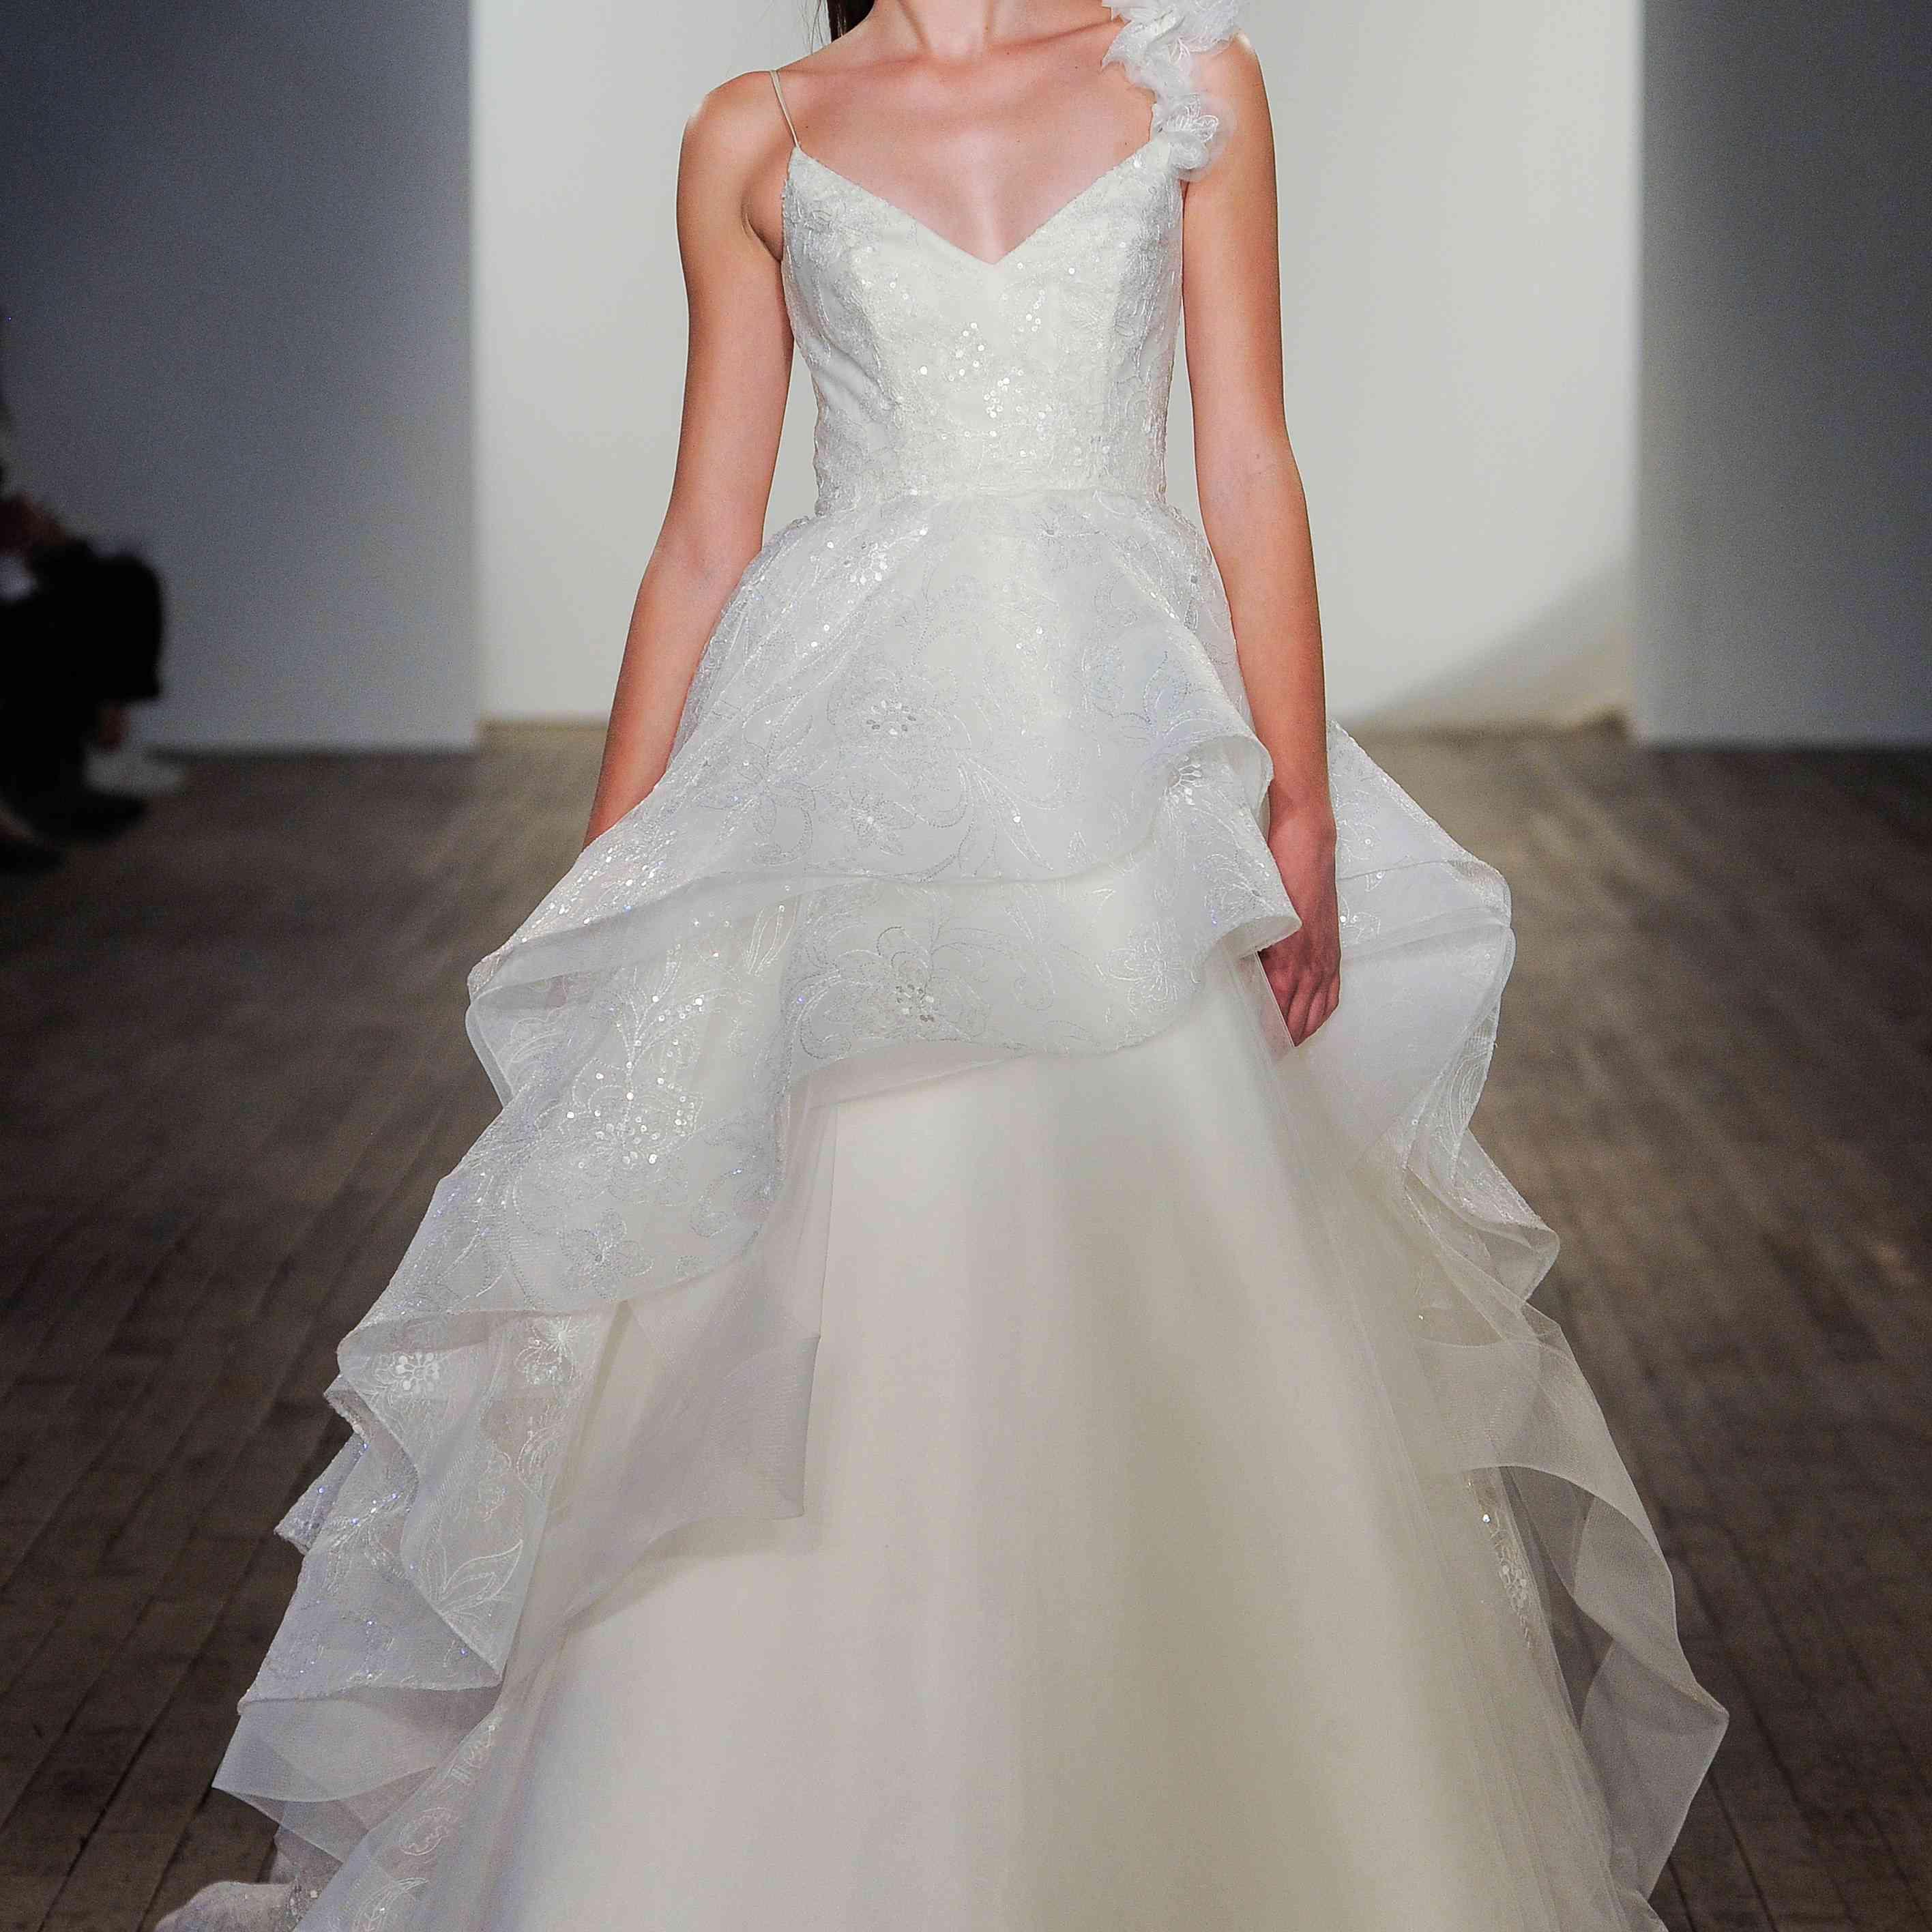 Gwendolyn sleeveless wedding dress